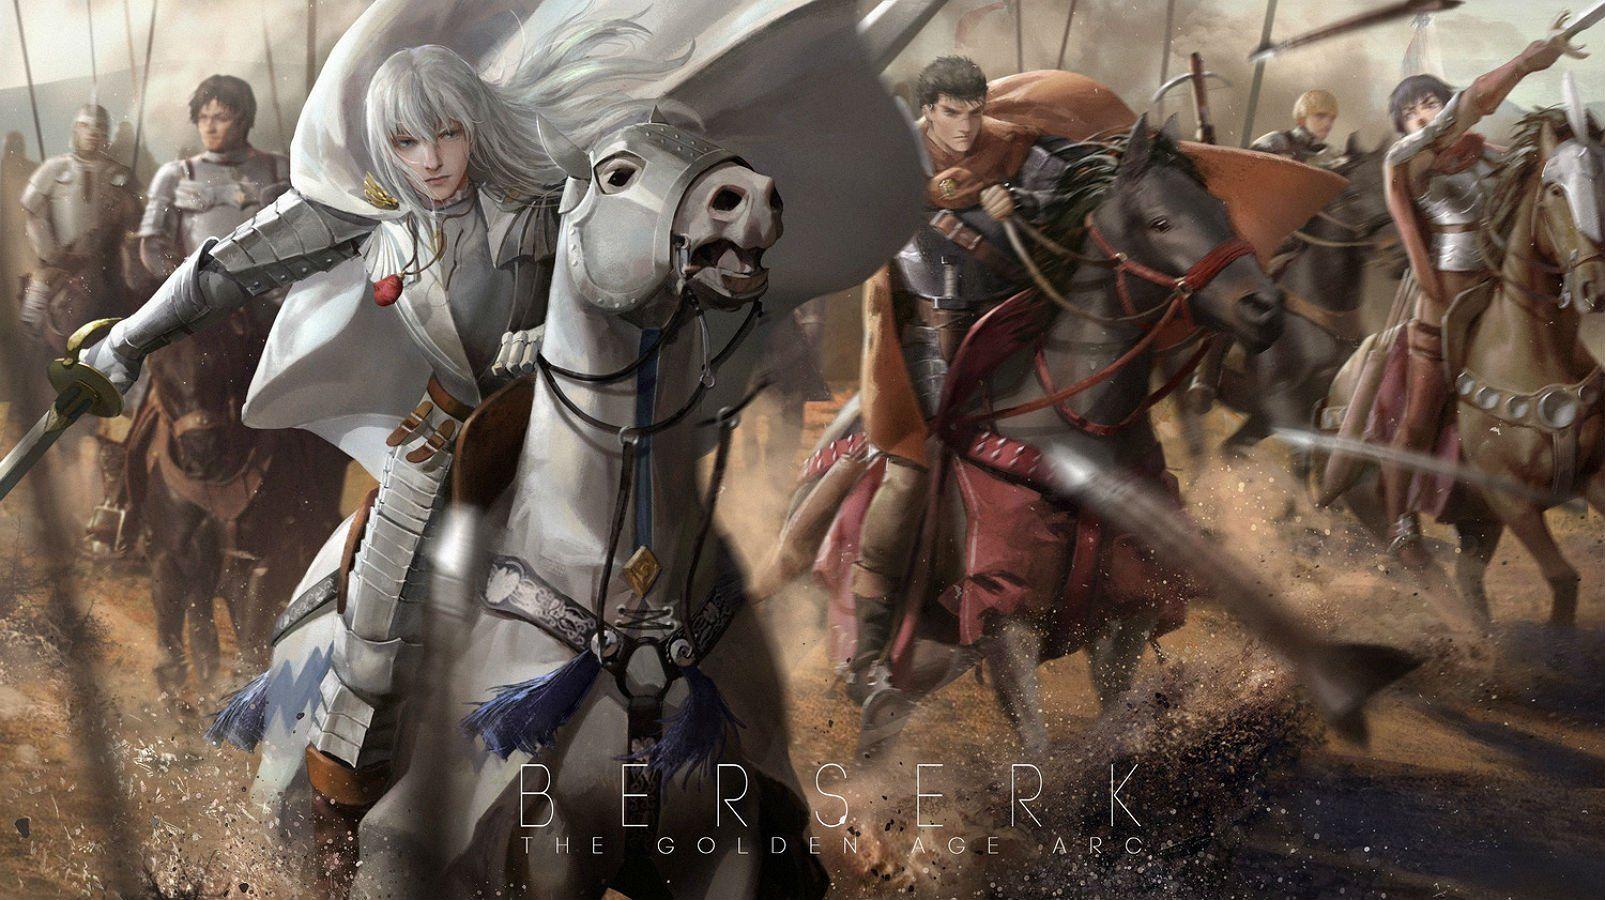 Animal Armor Behelit Berserk Caska Corvus Griffith Guts Horse Lightofheaven Male Rickert Sword Weapon White Hair Wallpaper